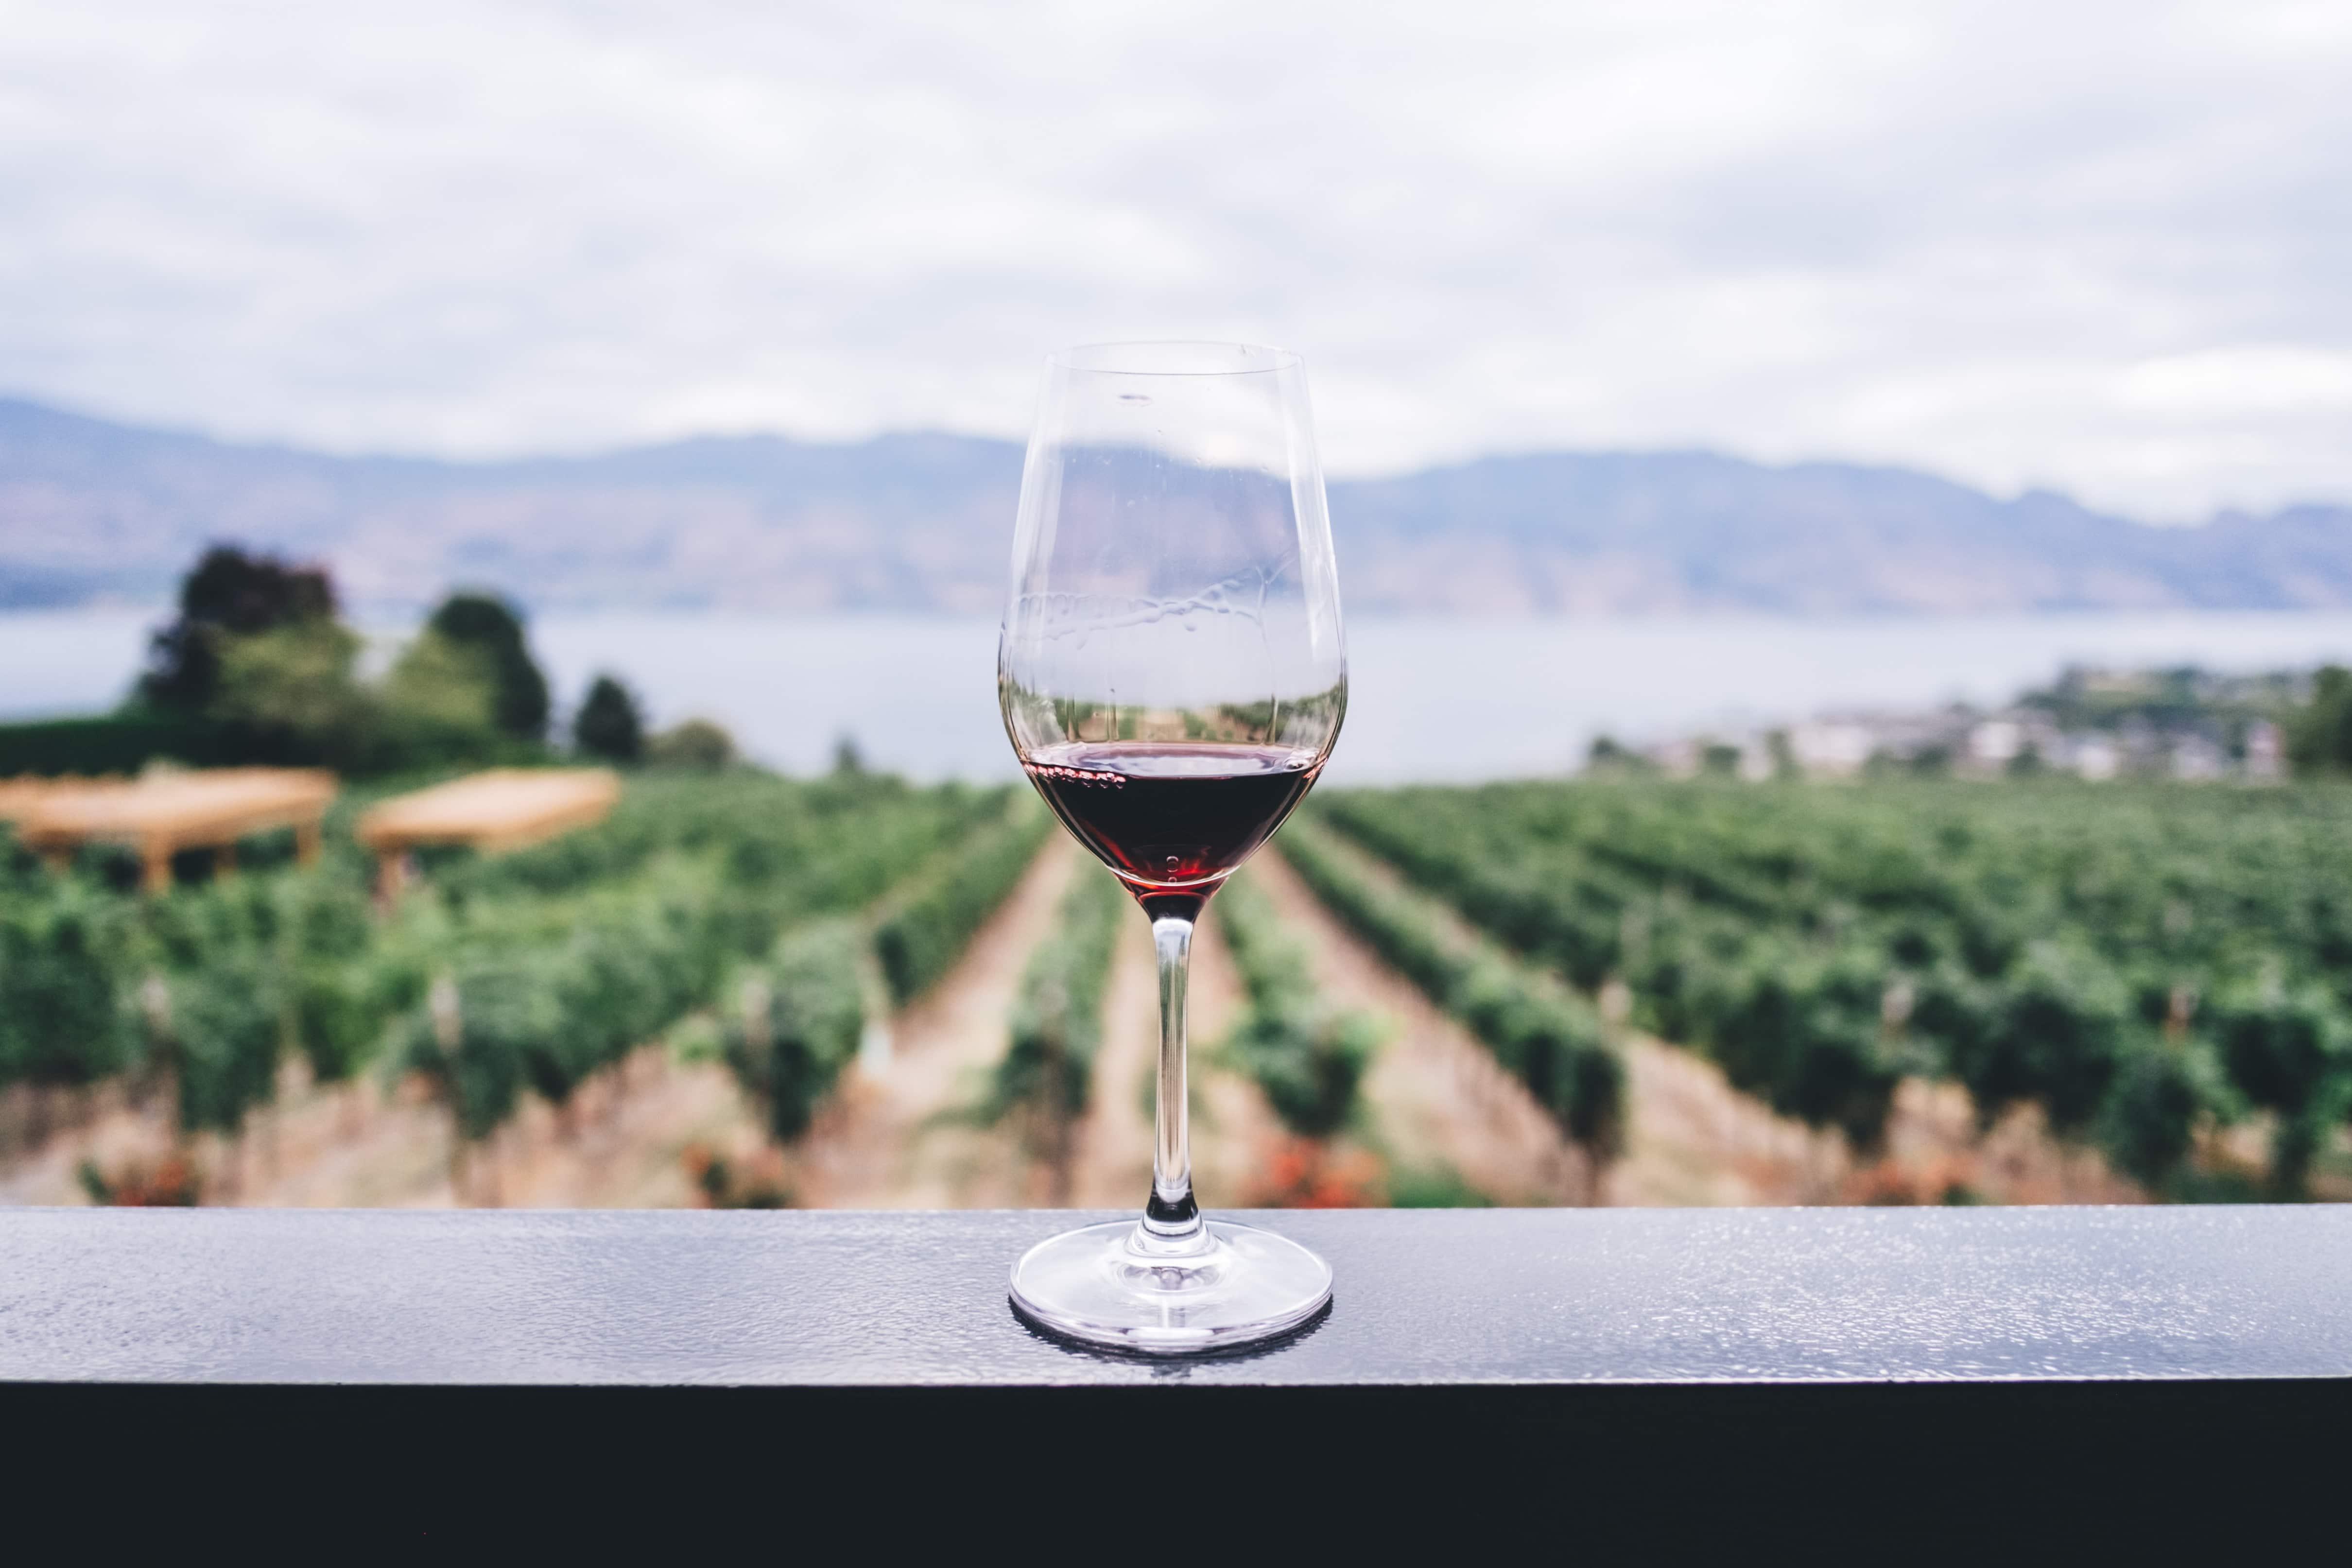 Weinglas mit Rotwein vor Reben und Wasser